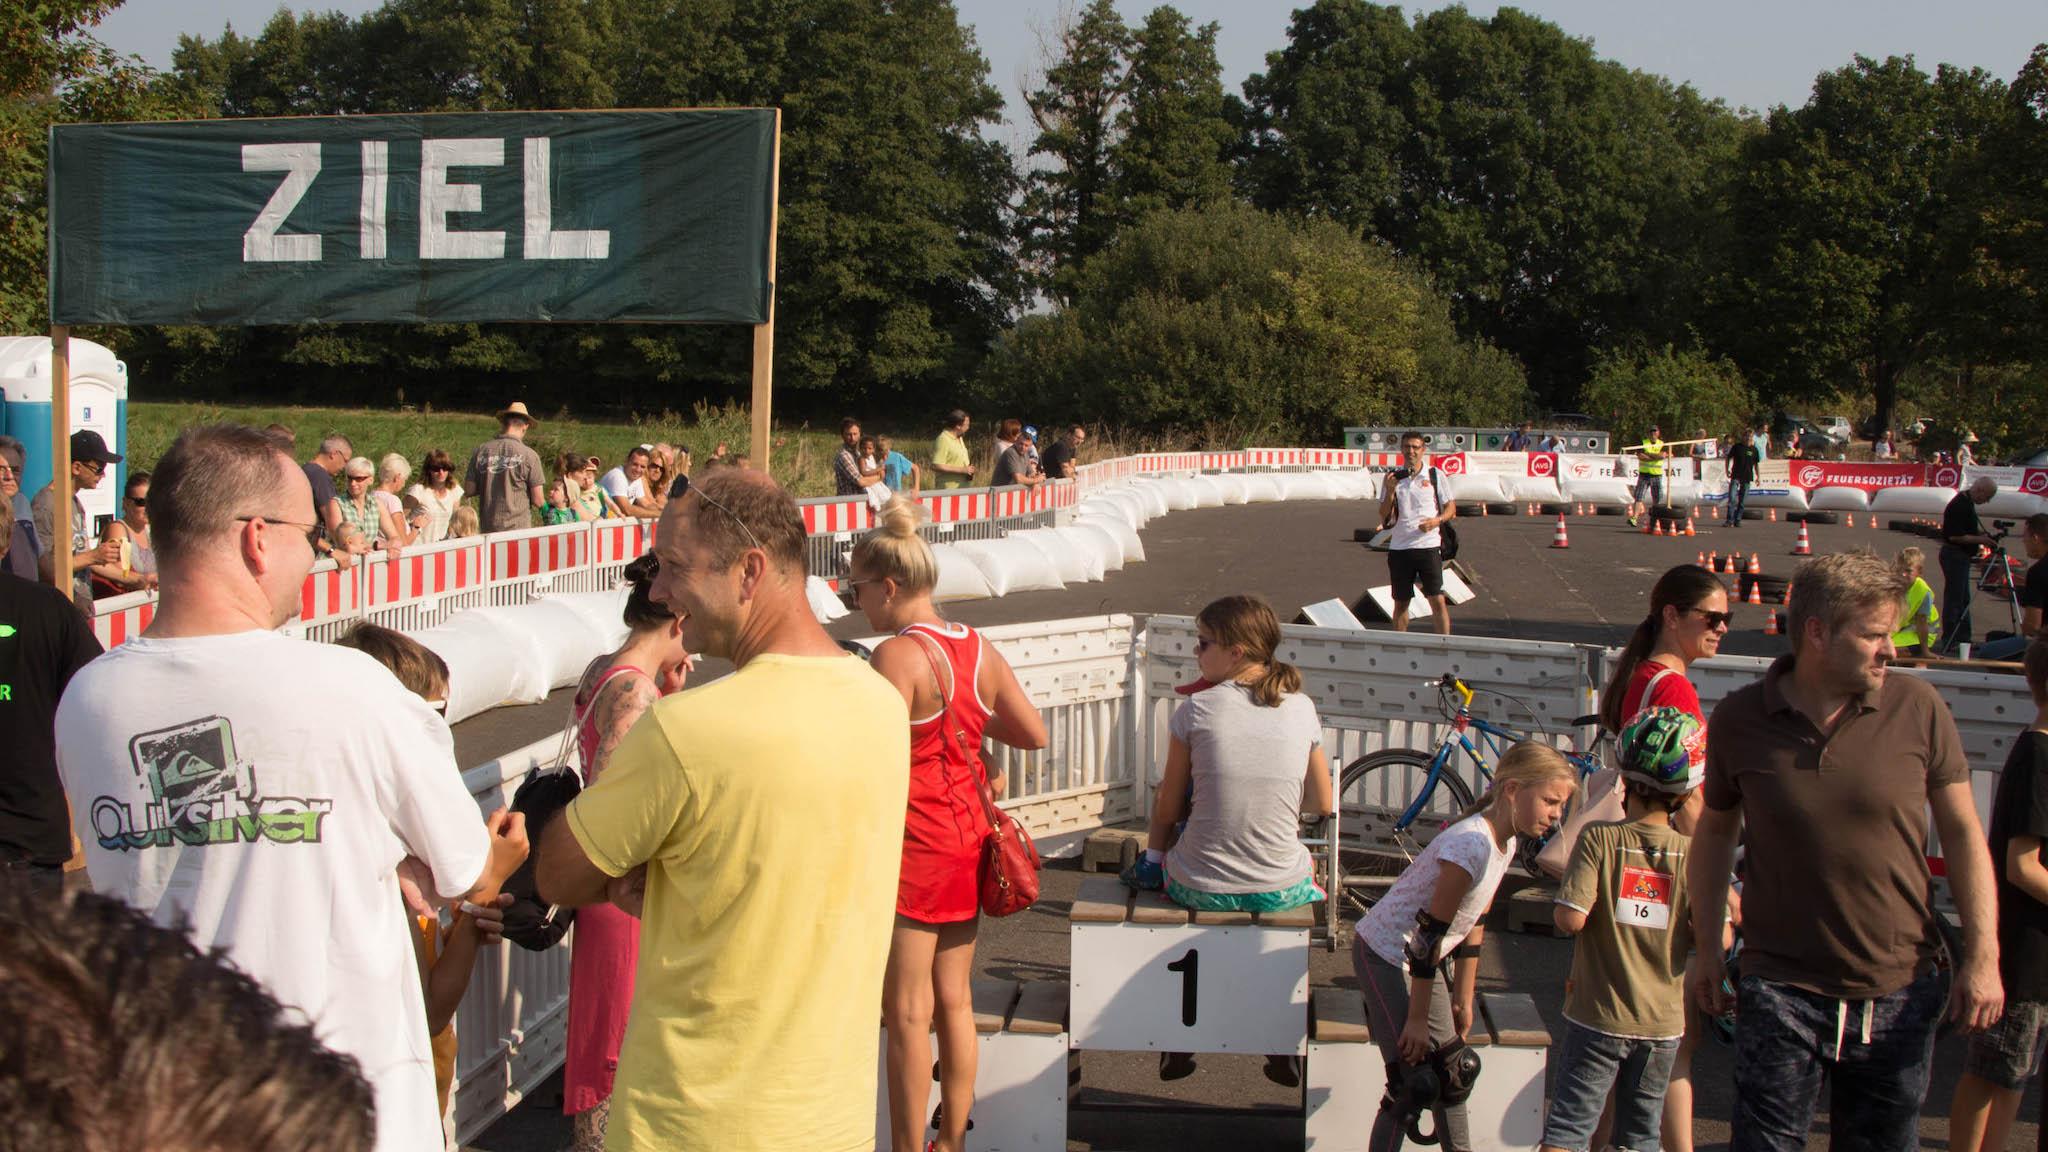 Bobbycar extrem: Gas geben mit der Fahrradbremse - ... angefeuert von Eltern, Freunden und Geschwistern. (Foto: Martin Wolf/Golem.de)